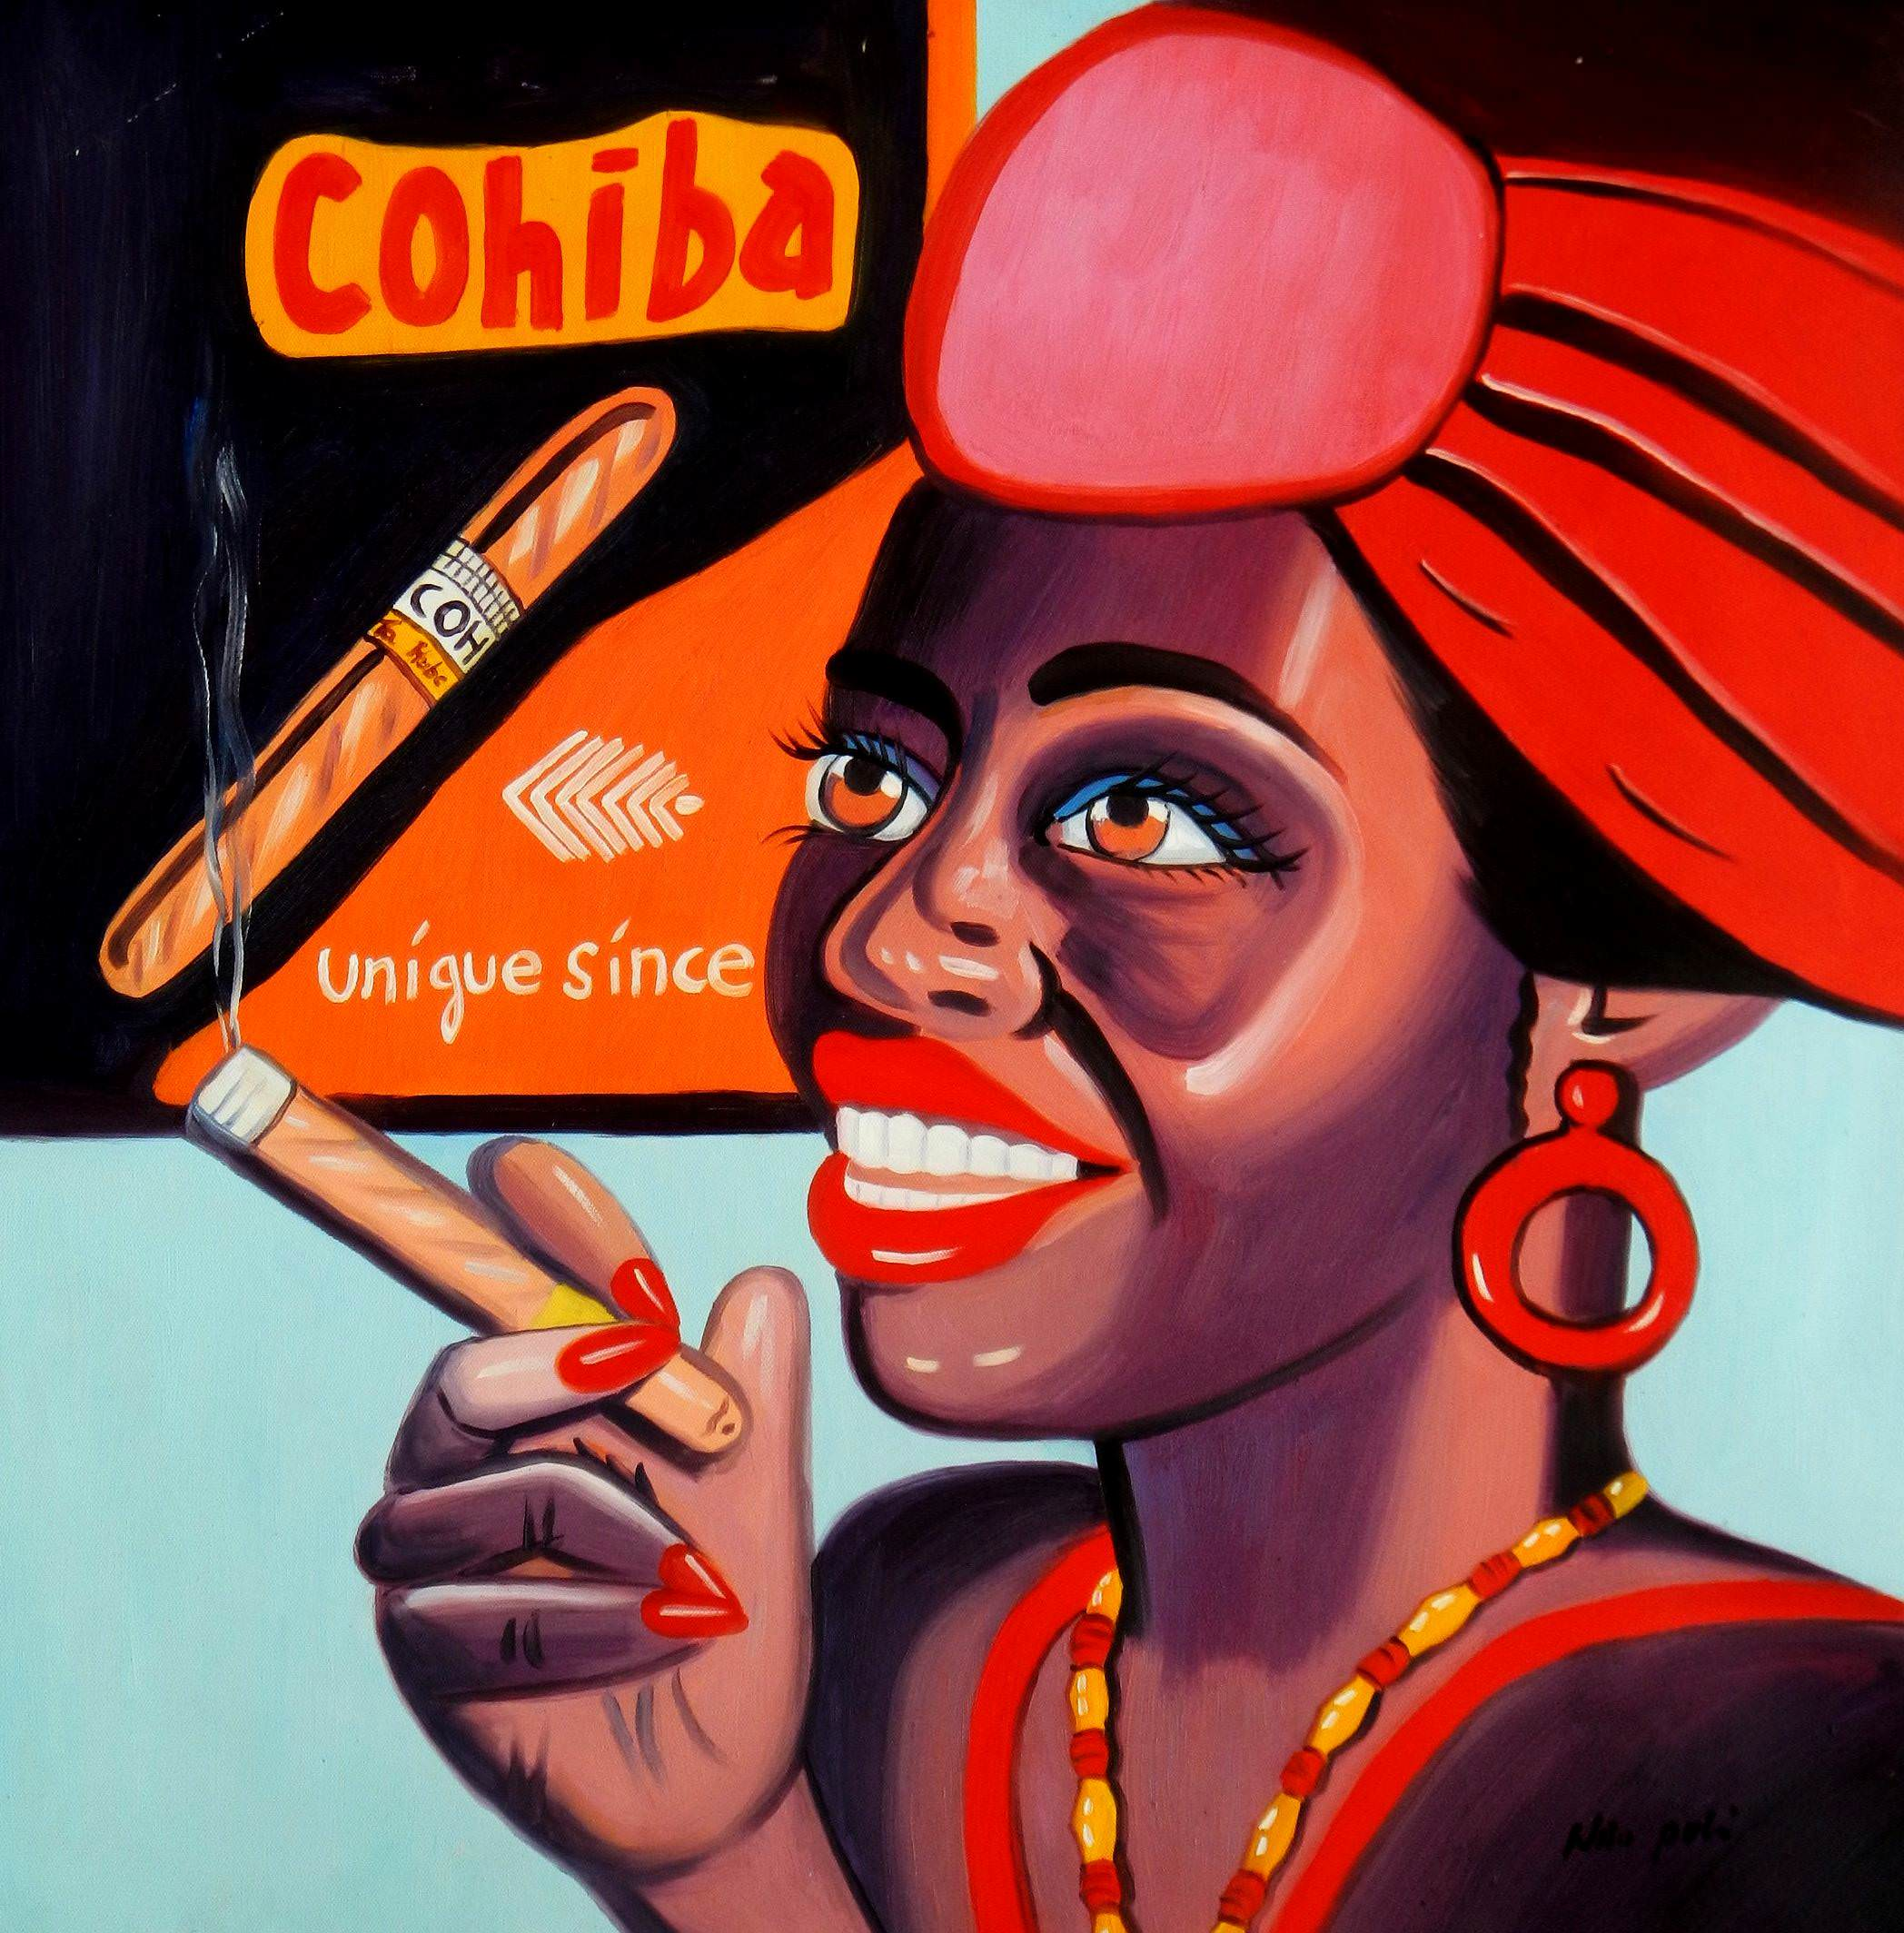 Cuba Cohiba cigars e96069 60x60cm exzellentes Ölgemälde handgemalt